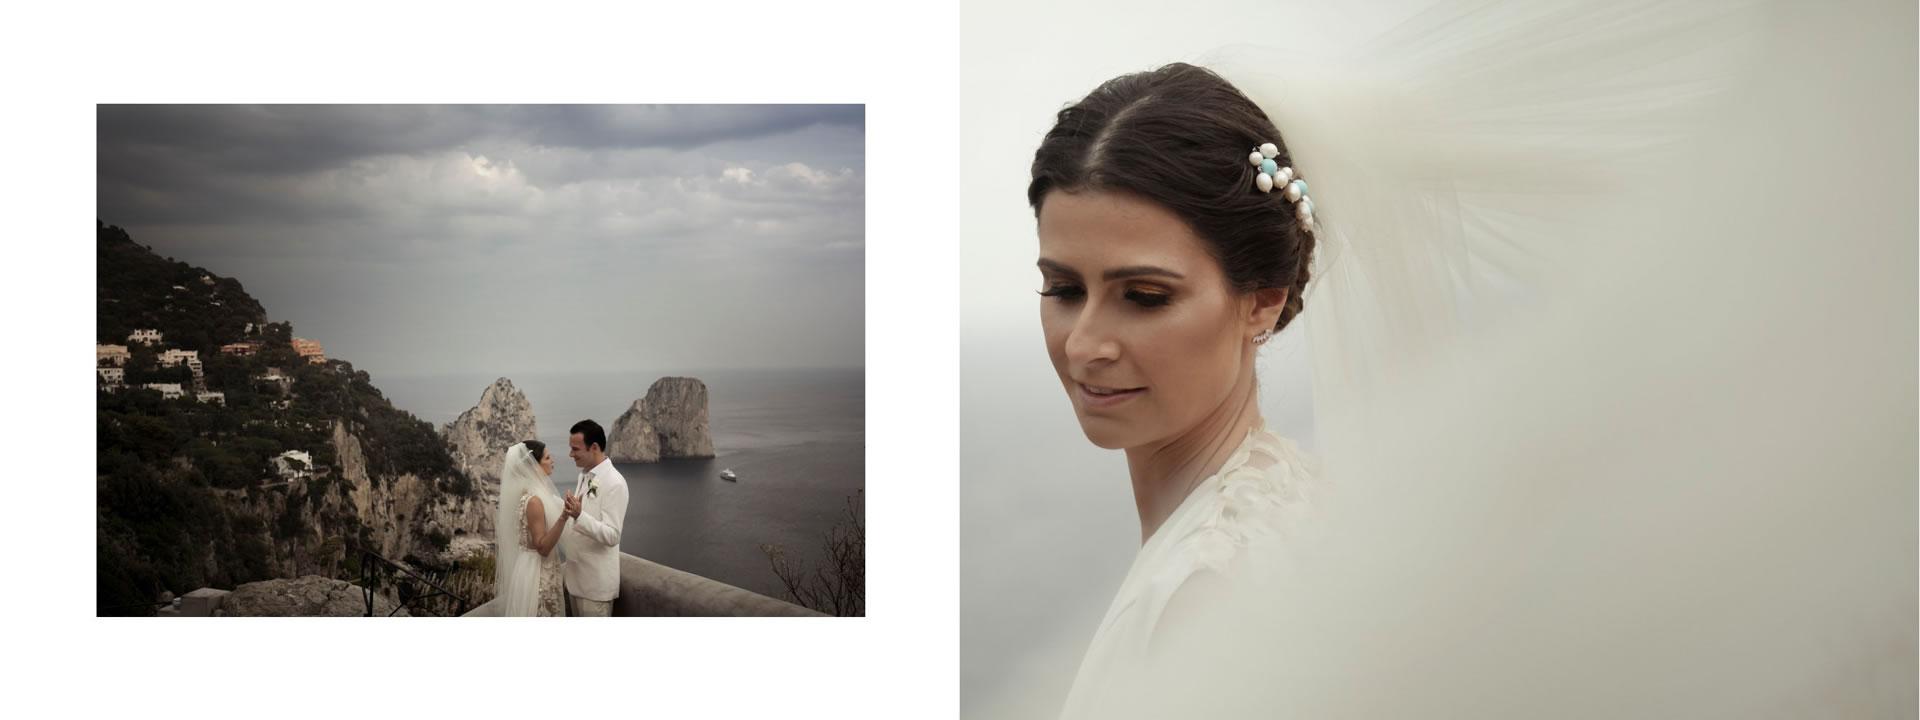 - 42 :: Jewish luxury wedding weekend in Capri :: Luxury wedding photography - 41 ::  - 42